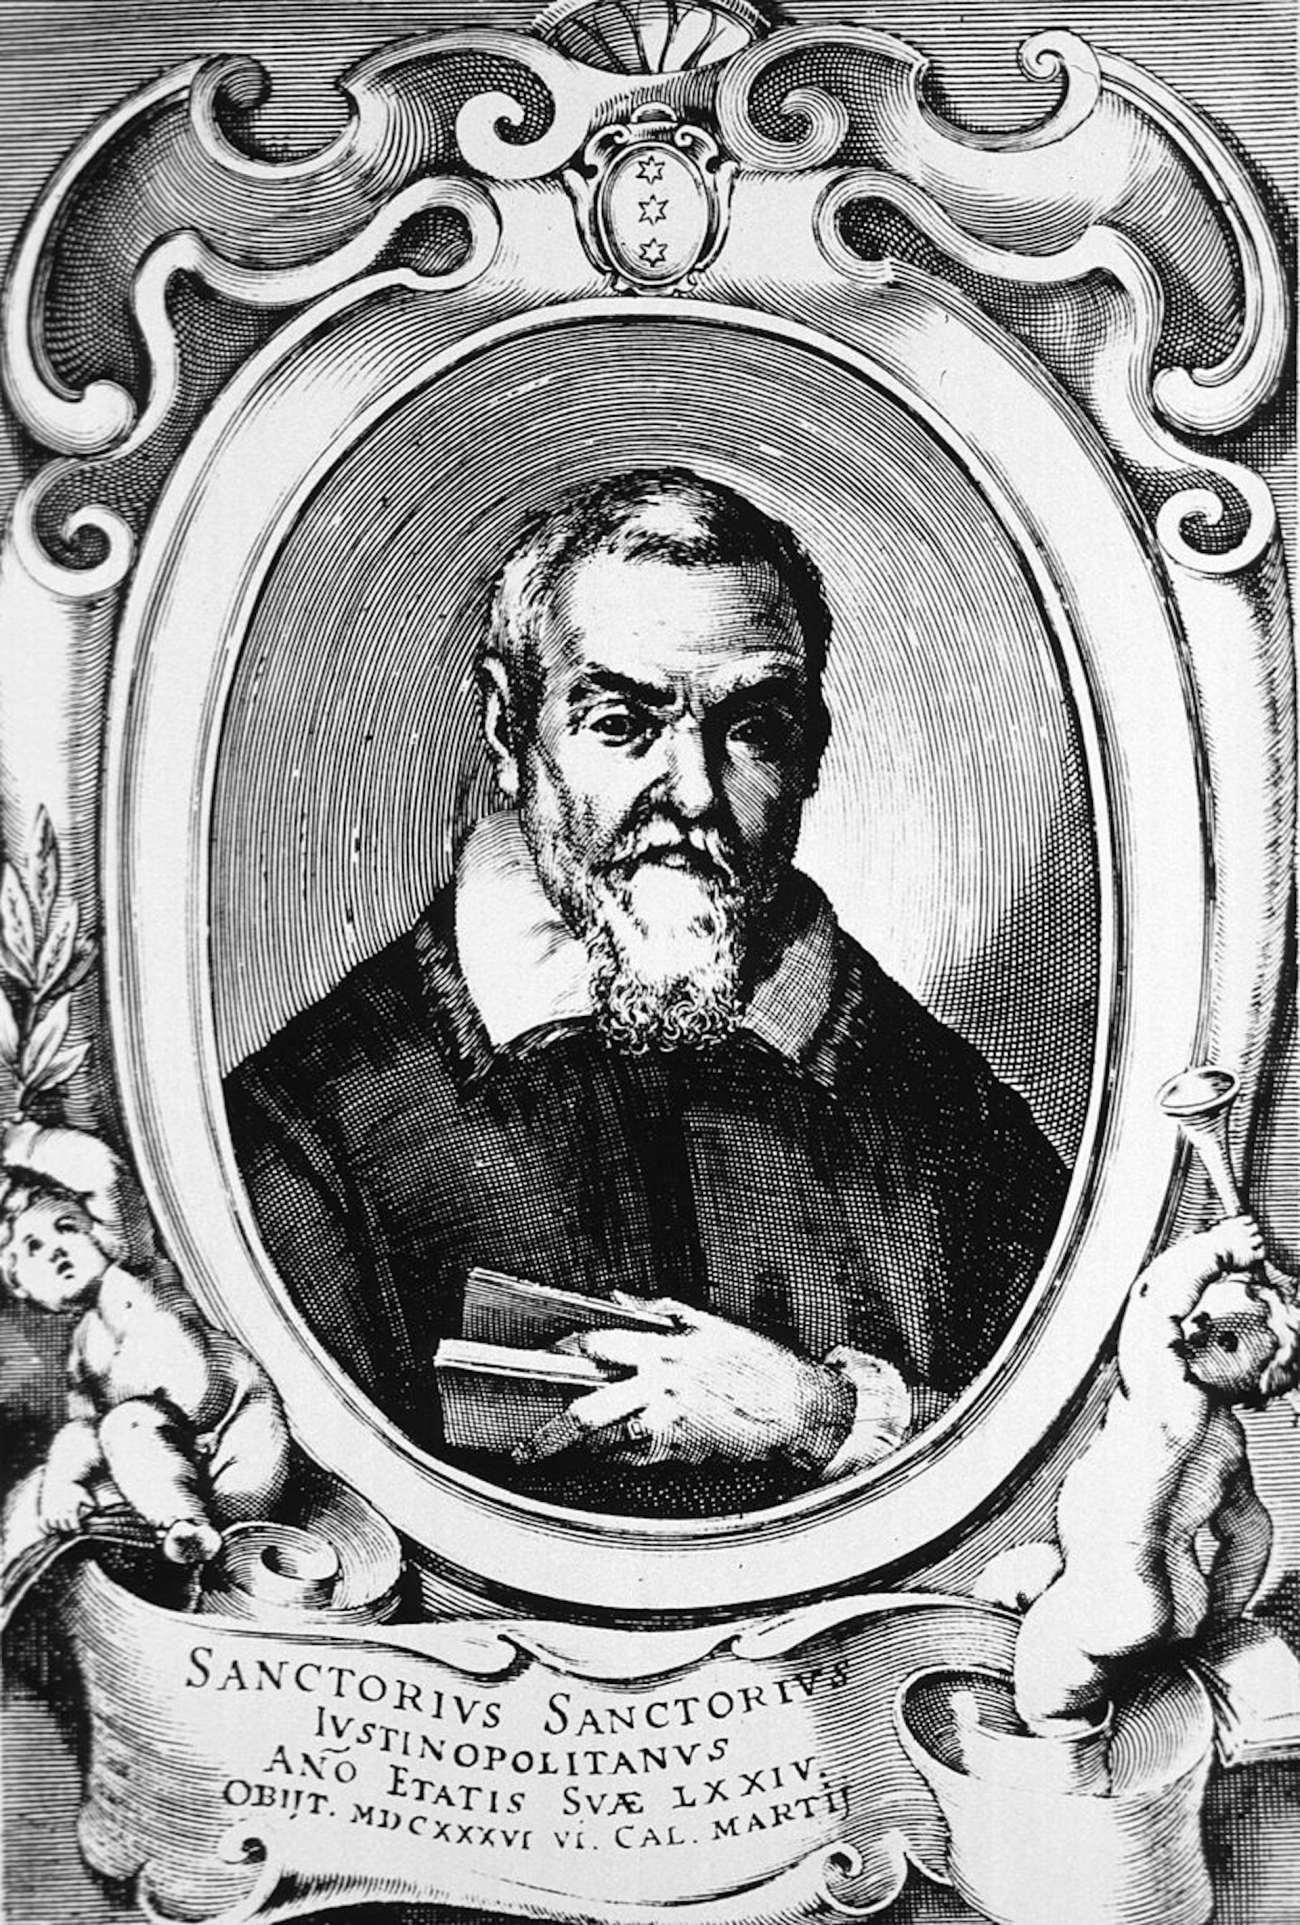 Ritratto storico in bianco e nero di un uomo barbuto.